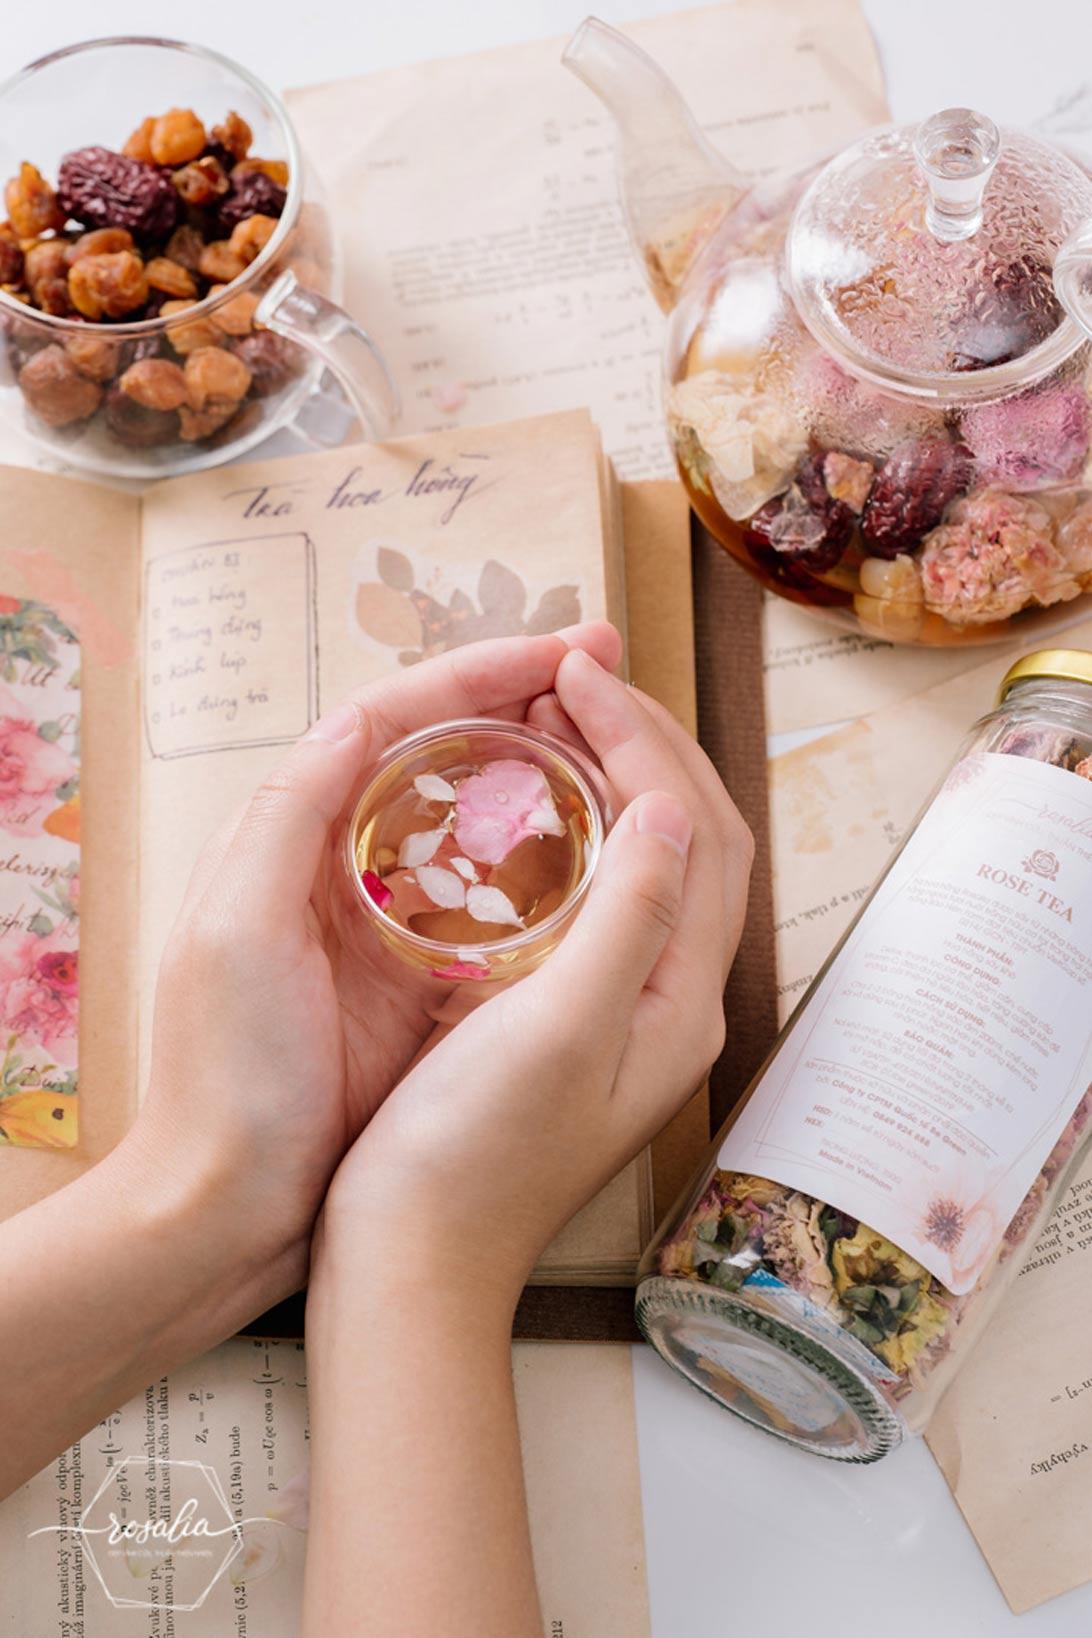 Rosalia by Bảo Hiên : Cách pha trà hoa hồng Rosalia cho buổi sáng thư thái